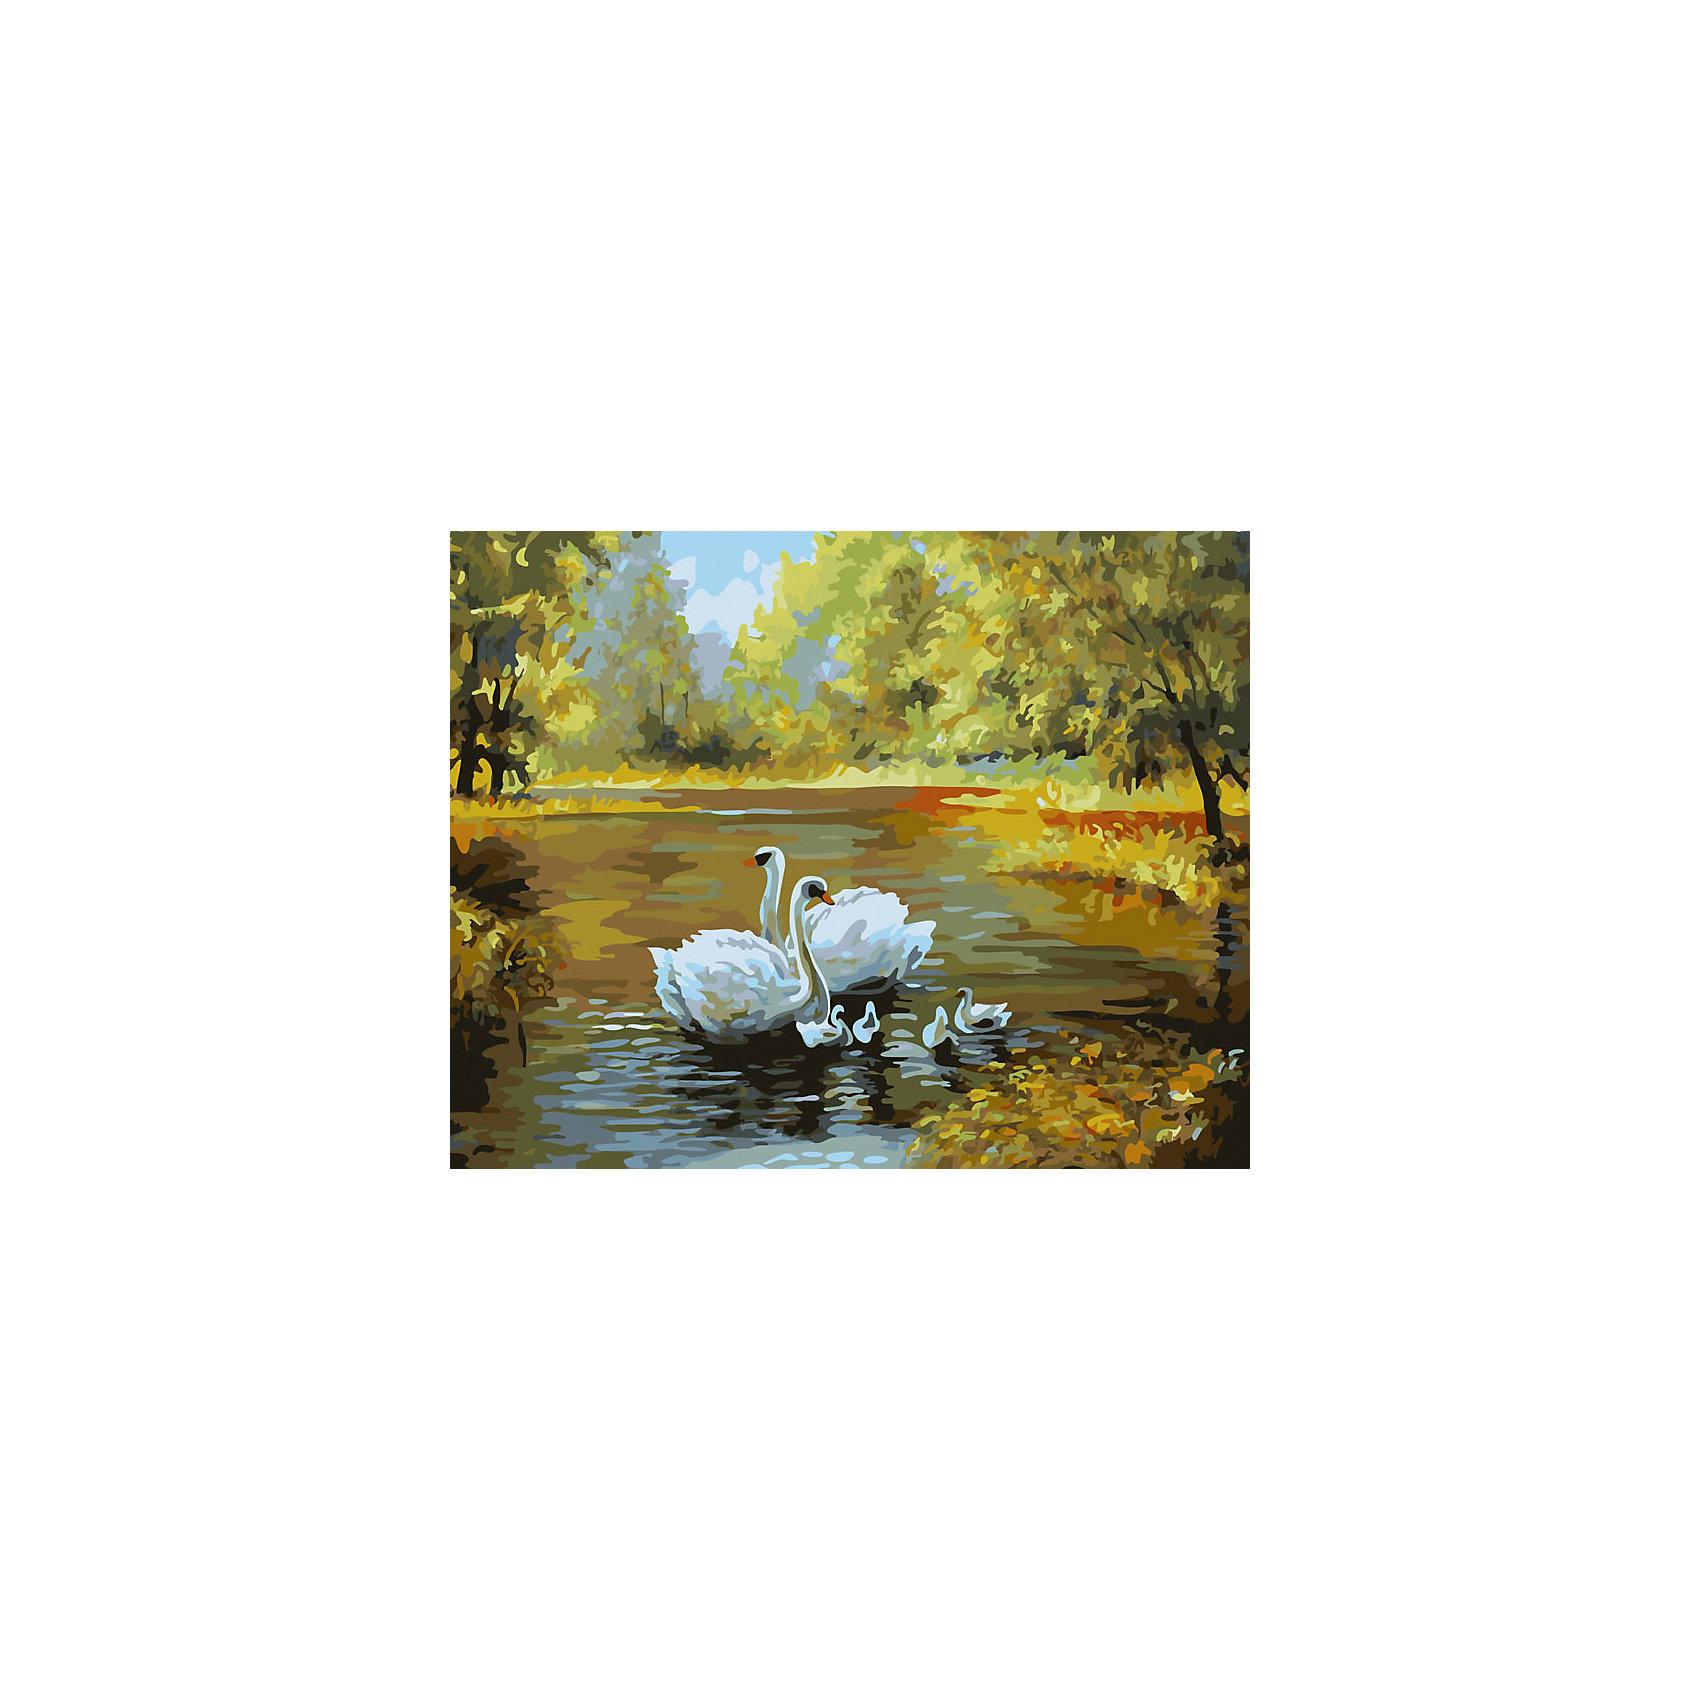 Живопись на холсте Лебеди в пруду, 40*50 смРисование<br>Живопись на холсте Лебеди в пруду, 40*50 см<br><br>Характеристики:<br><br>• Вес: 850<br>• Размер: 40х50<br>• Краски: акриловые, быстросохнущие<br>• Количество цветов: 30<br>• В наборе: холст на подрамнике, настенное крепление, контрольный лист с рисунком, 30 красок, 3 кисти<br><br>Данный набор позволит любому человеку ощутить себя профессиональным художником. В комплект входит холст с нанесенным на него рисунком по номерам, акриловые краски на водной основе, специальный контрольный лист, предотвращающий ошибки и 3 удобные кисти разных размеров. <br><br>Рисовать на холсте очень удобно, а благодаря номерам на картине и баночках с краской - это совсем просто. Цвета ложатся ровным слоем, перекрывая нанесенный рисунок. Если вы боитесь, что где-то ошиблись – приложите контрольный лист, который полностью повторяет схему. Акриловые краски совершенно безопасны и не имеют запаха. А благодаря настенному креплению вы сможете повесить готовую работу.<br><br>Живопись на холсте Лебеди в пруду, 40*50 см можно купить в нашем интернет-магазине.<br><br>Ширина мм: 510<br>Глубина мм: 410<br>Высота мм: 250<br>Вес г: 850<br>Возраст от месяцев: 72<br>Возраст до месяцев: 2147483647<br>Пол: Унисекс<br>Возраст: Детский<br>SKU: 5500422